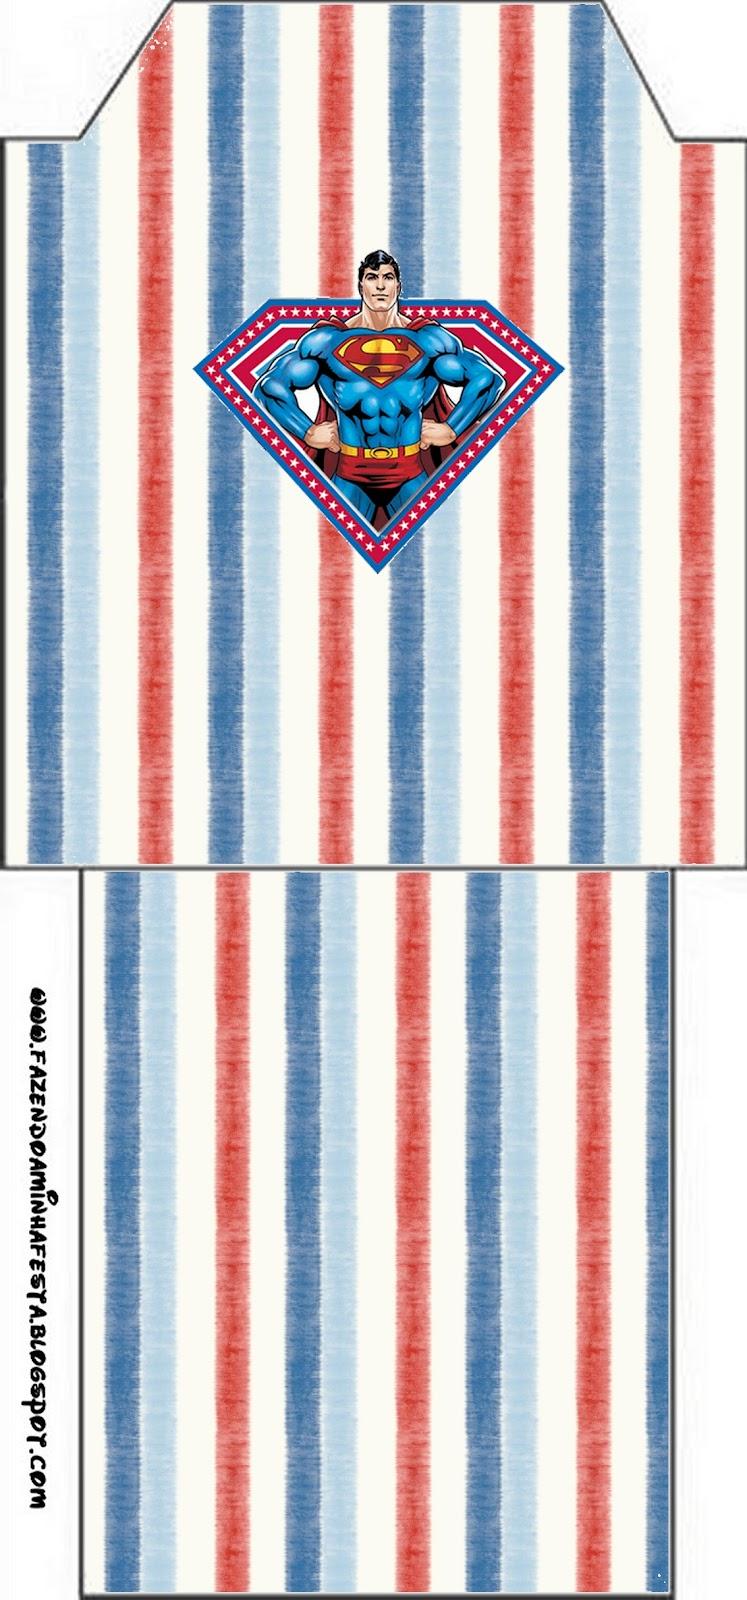 http://fazendoanossafesta.com.br/2012/05/super-homem-kit-completo-com-molduras-para-convites-rotulos-para-guloseimas-lembrancinhas-e-imagens.html